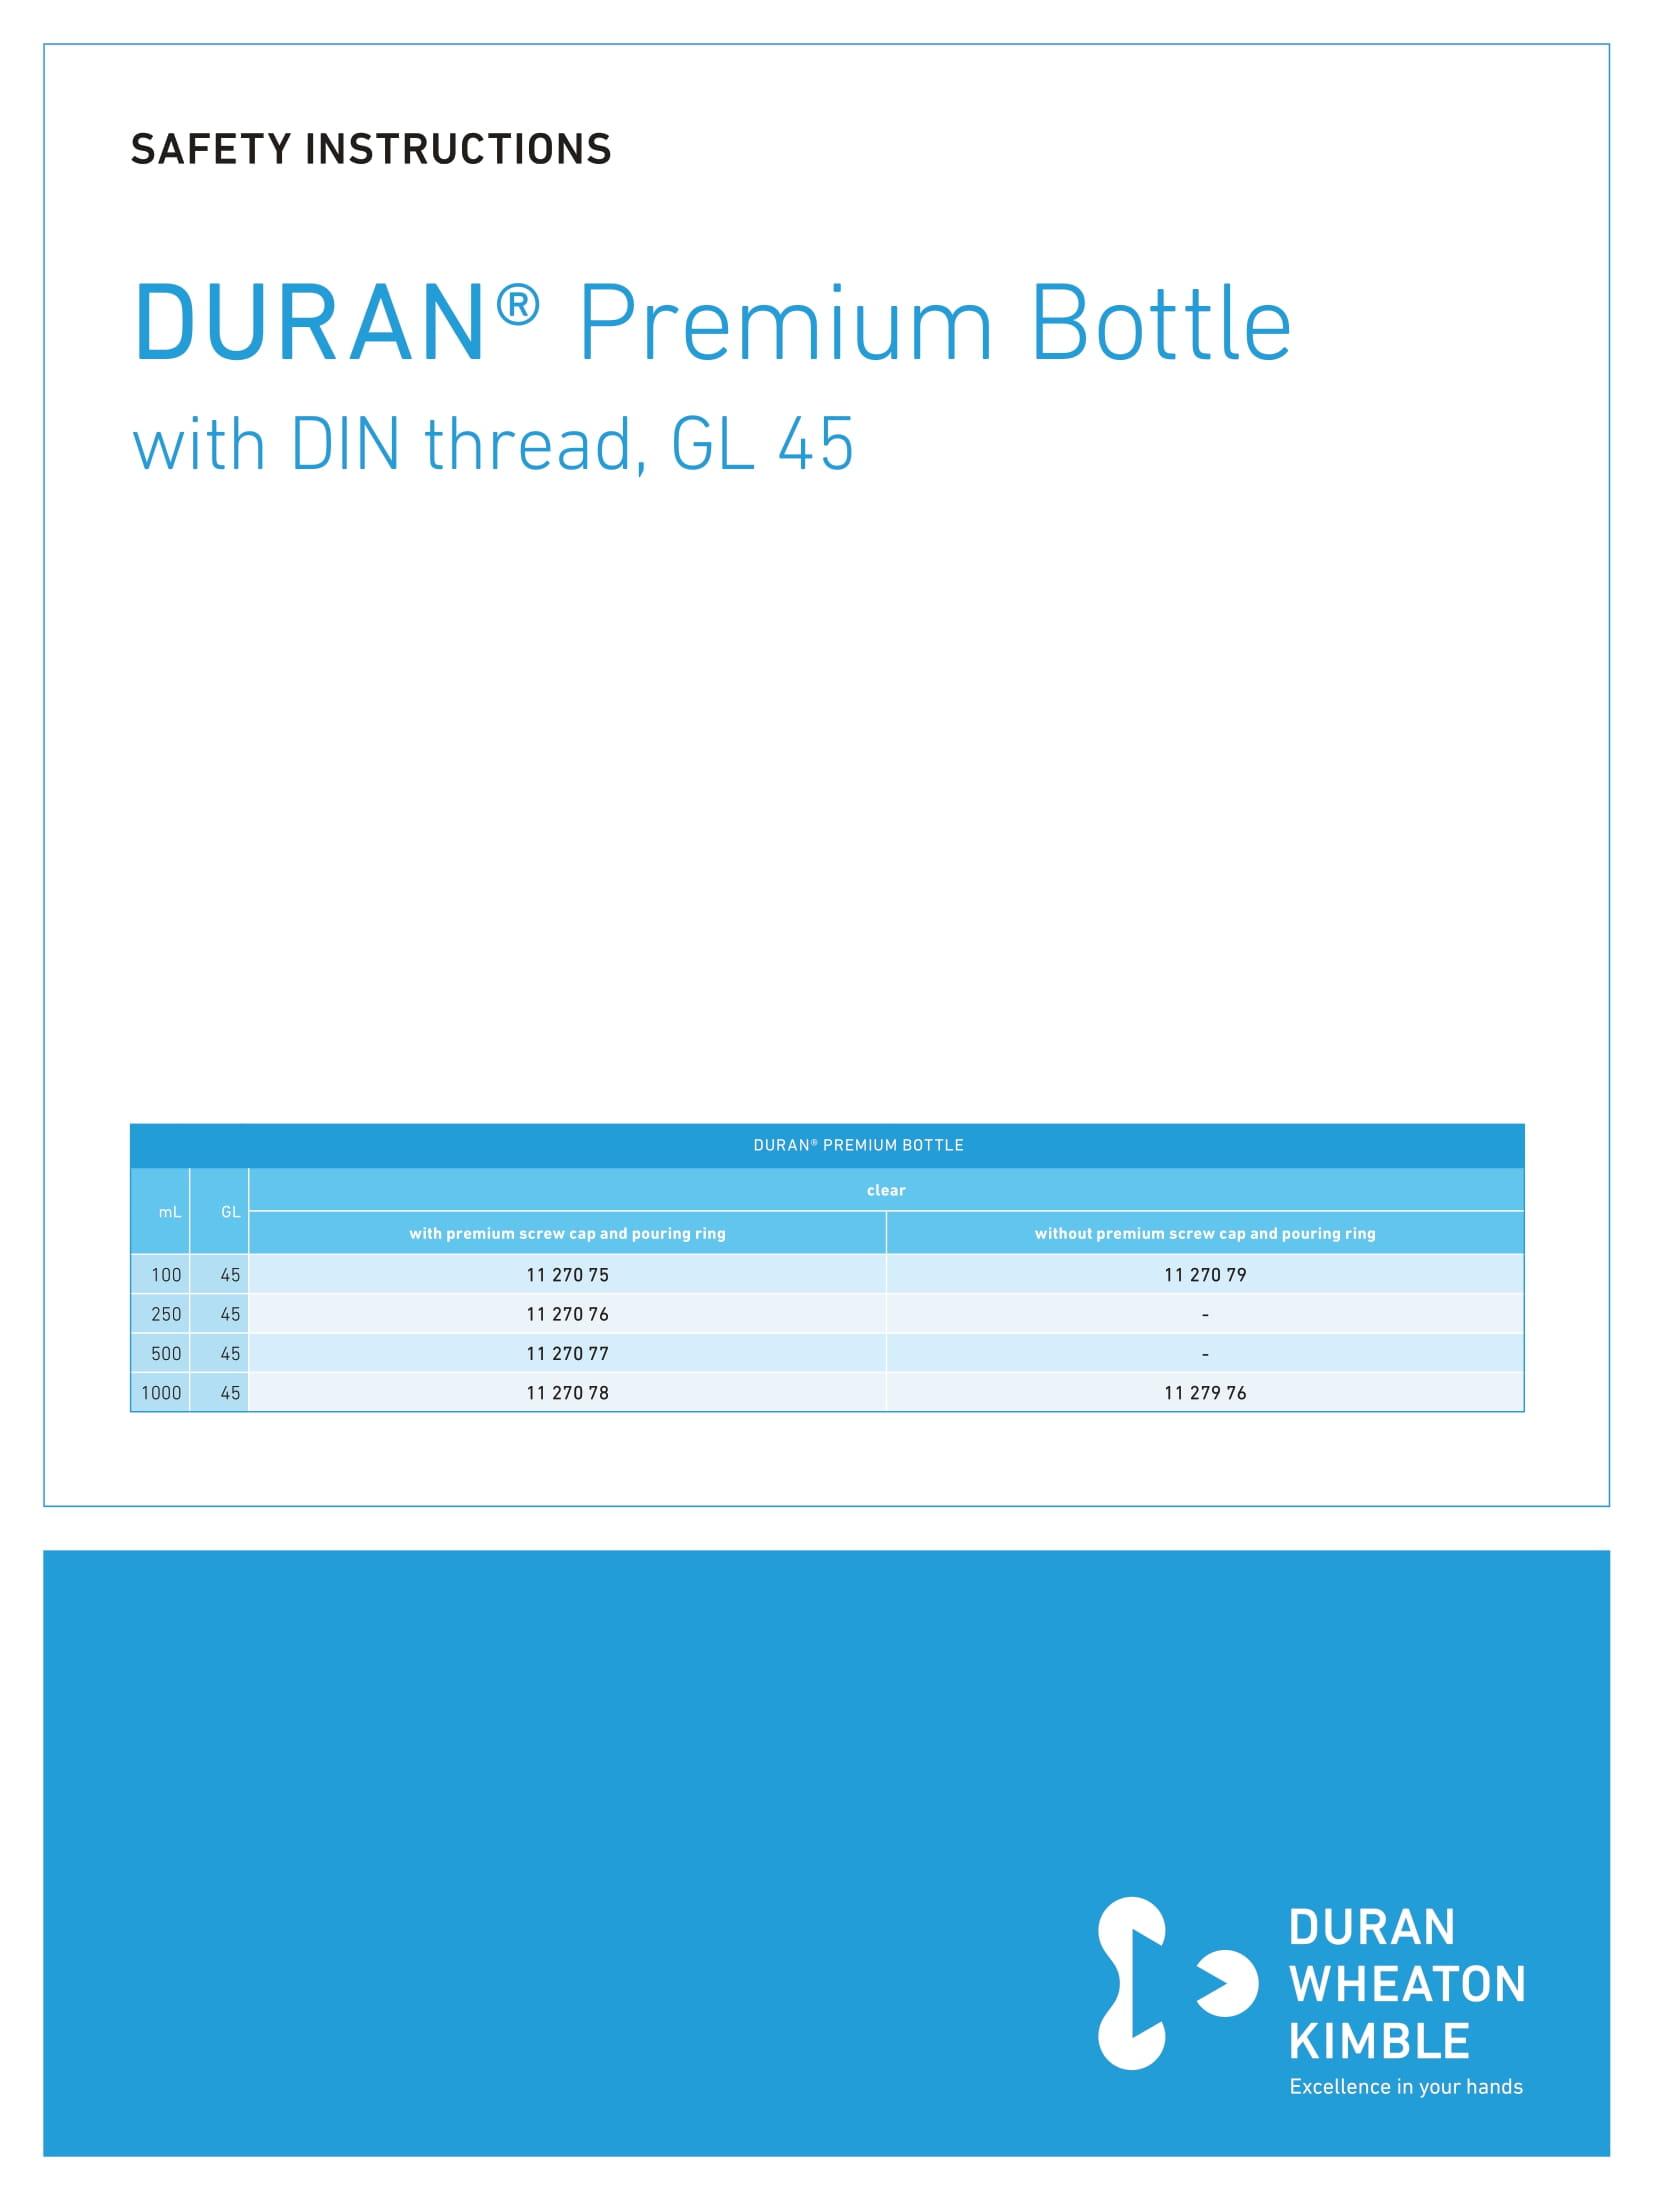 DWK SAFETY INSTRUCTIONS DURAN® Premium Bottle